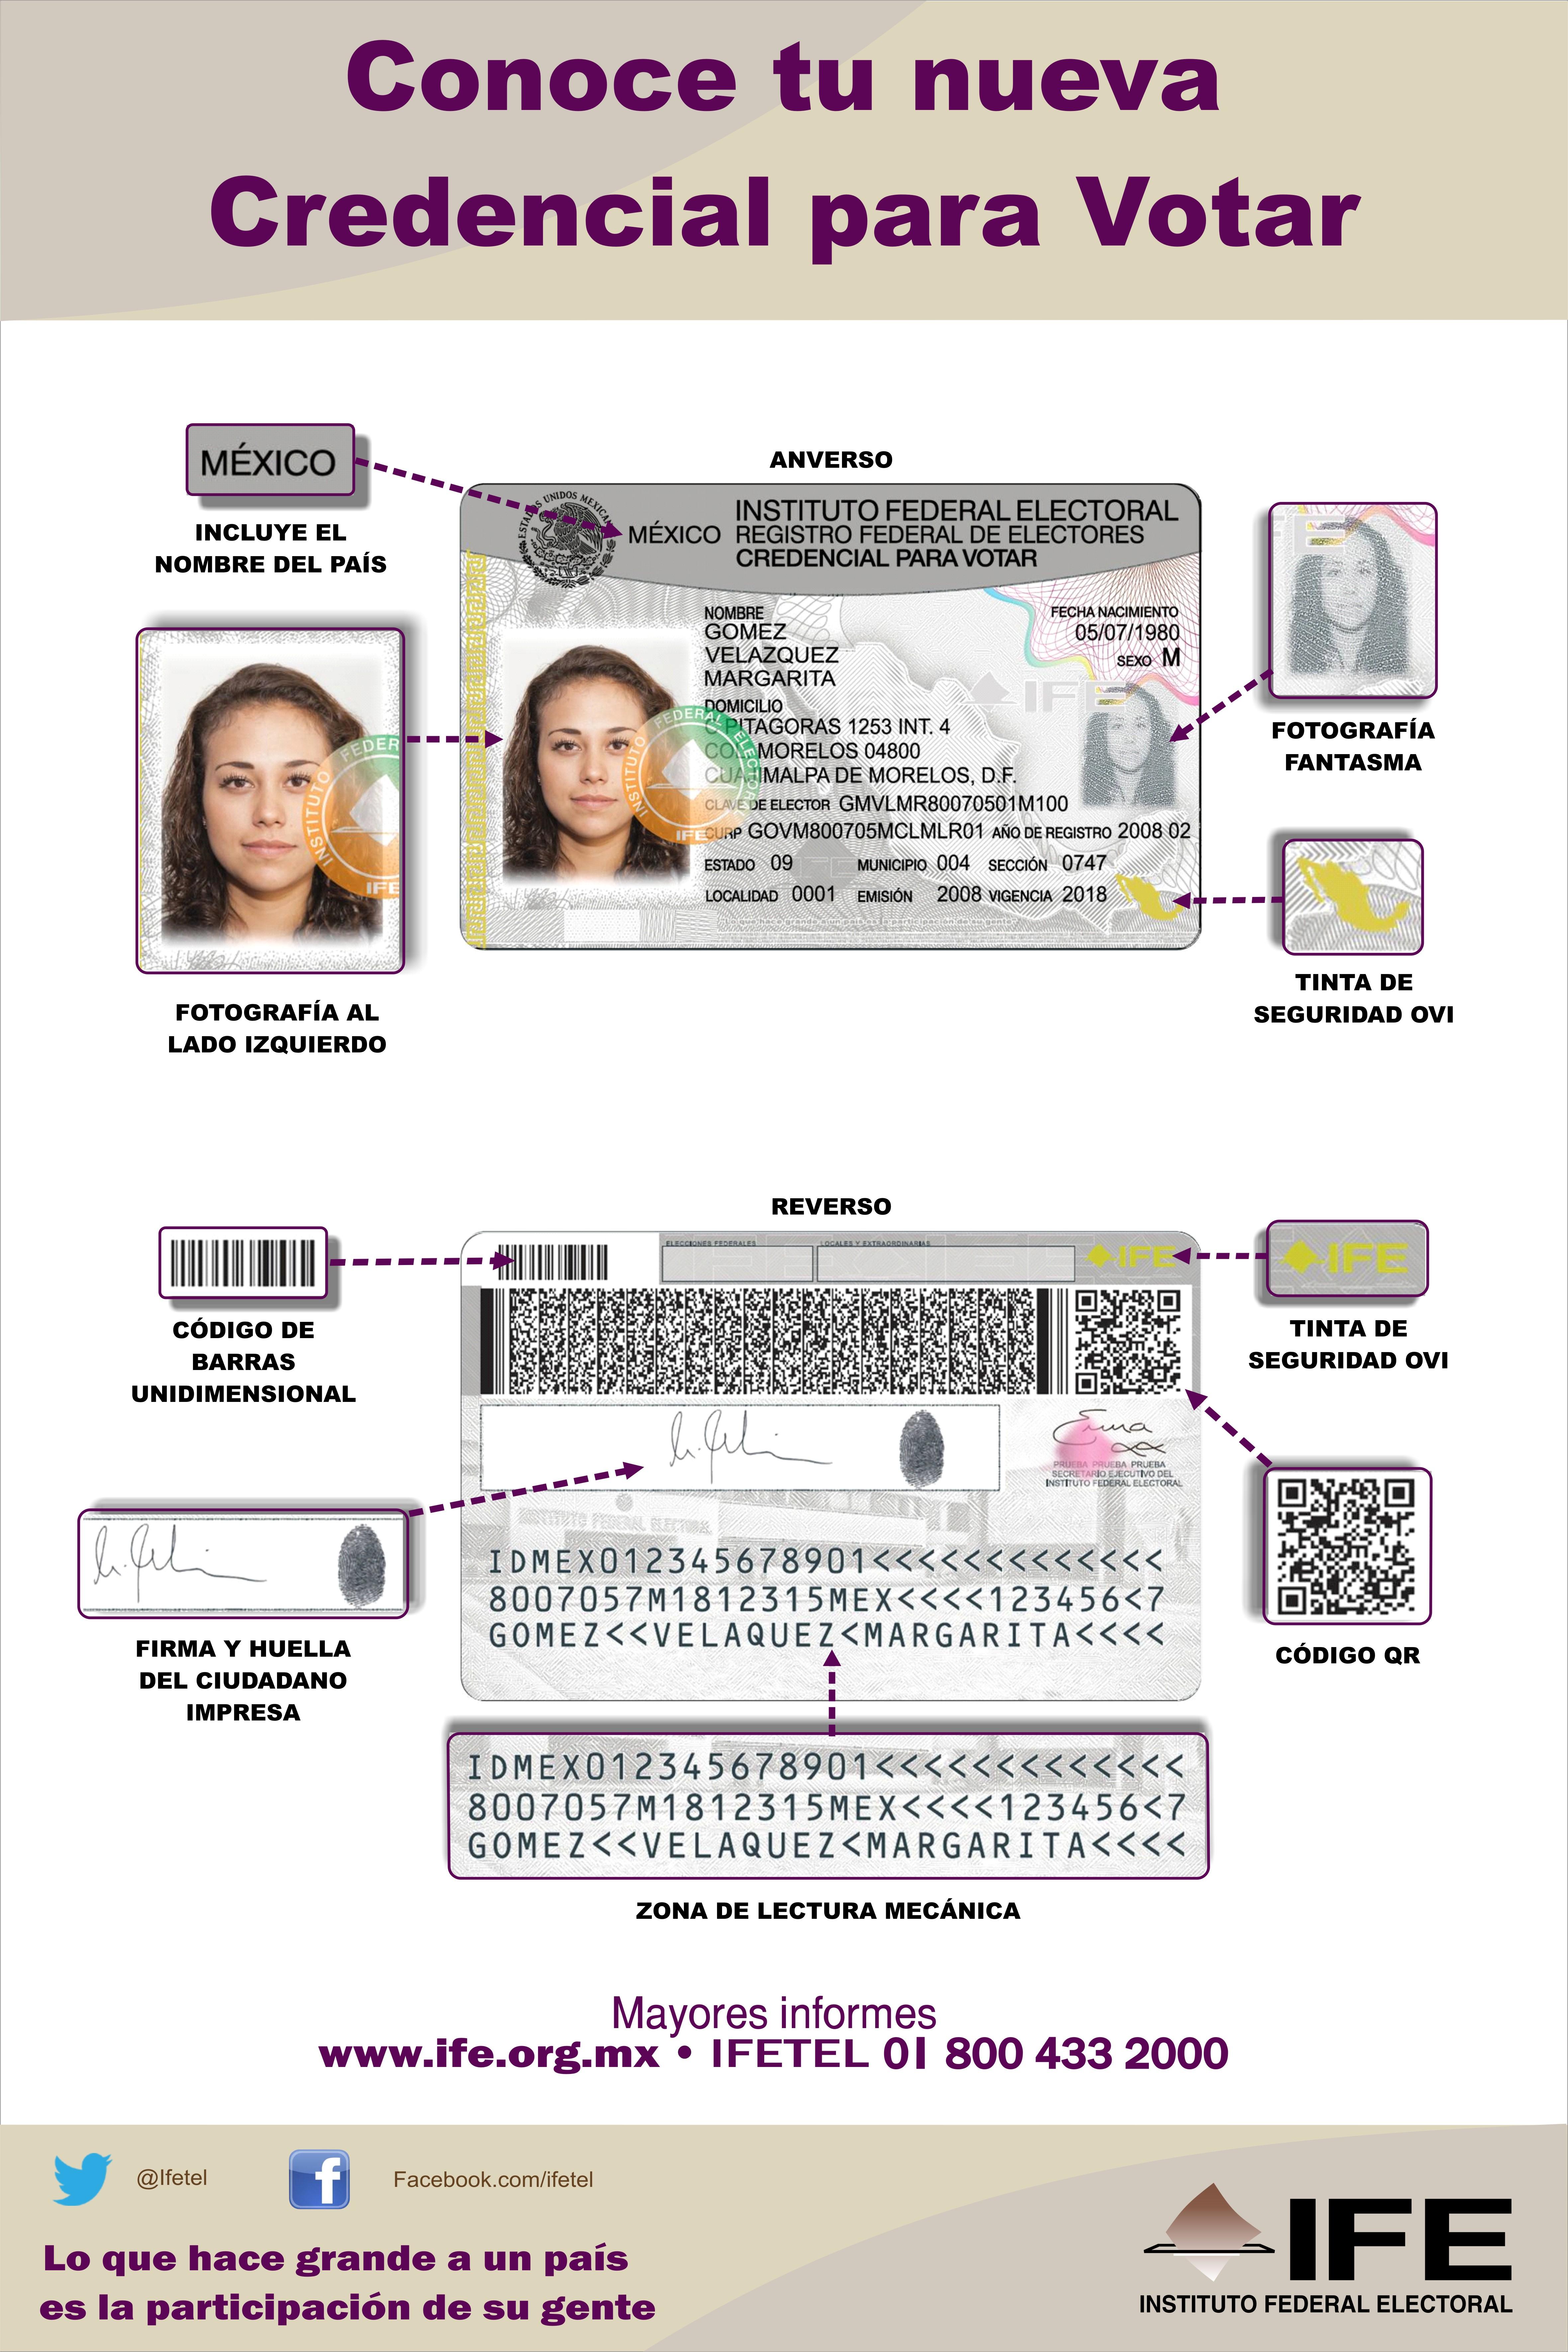 Nuevas credenciales del IFE también serán en braille